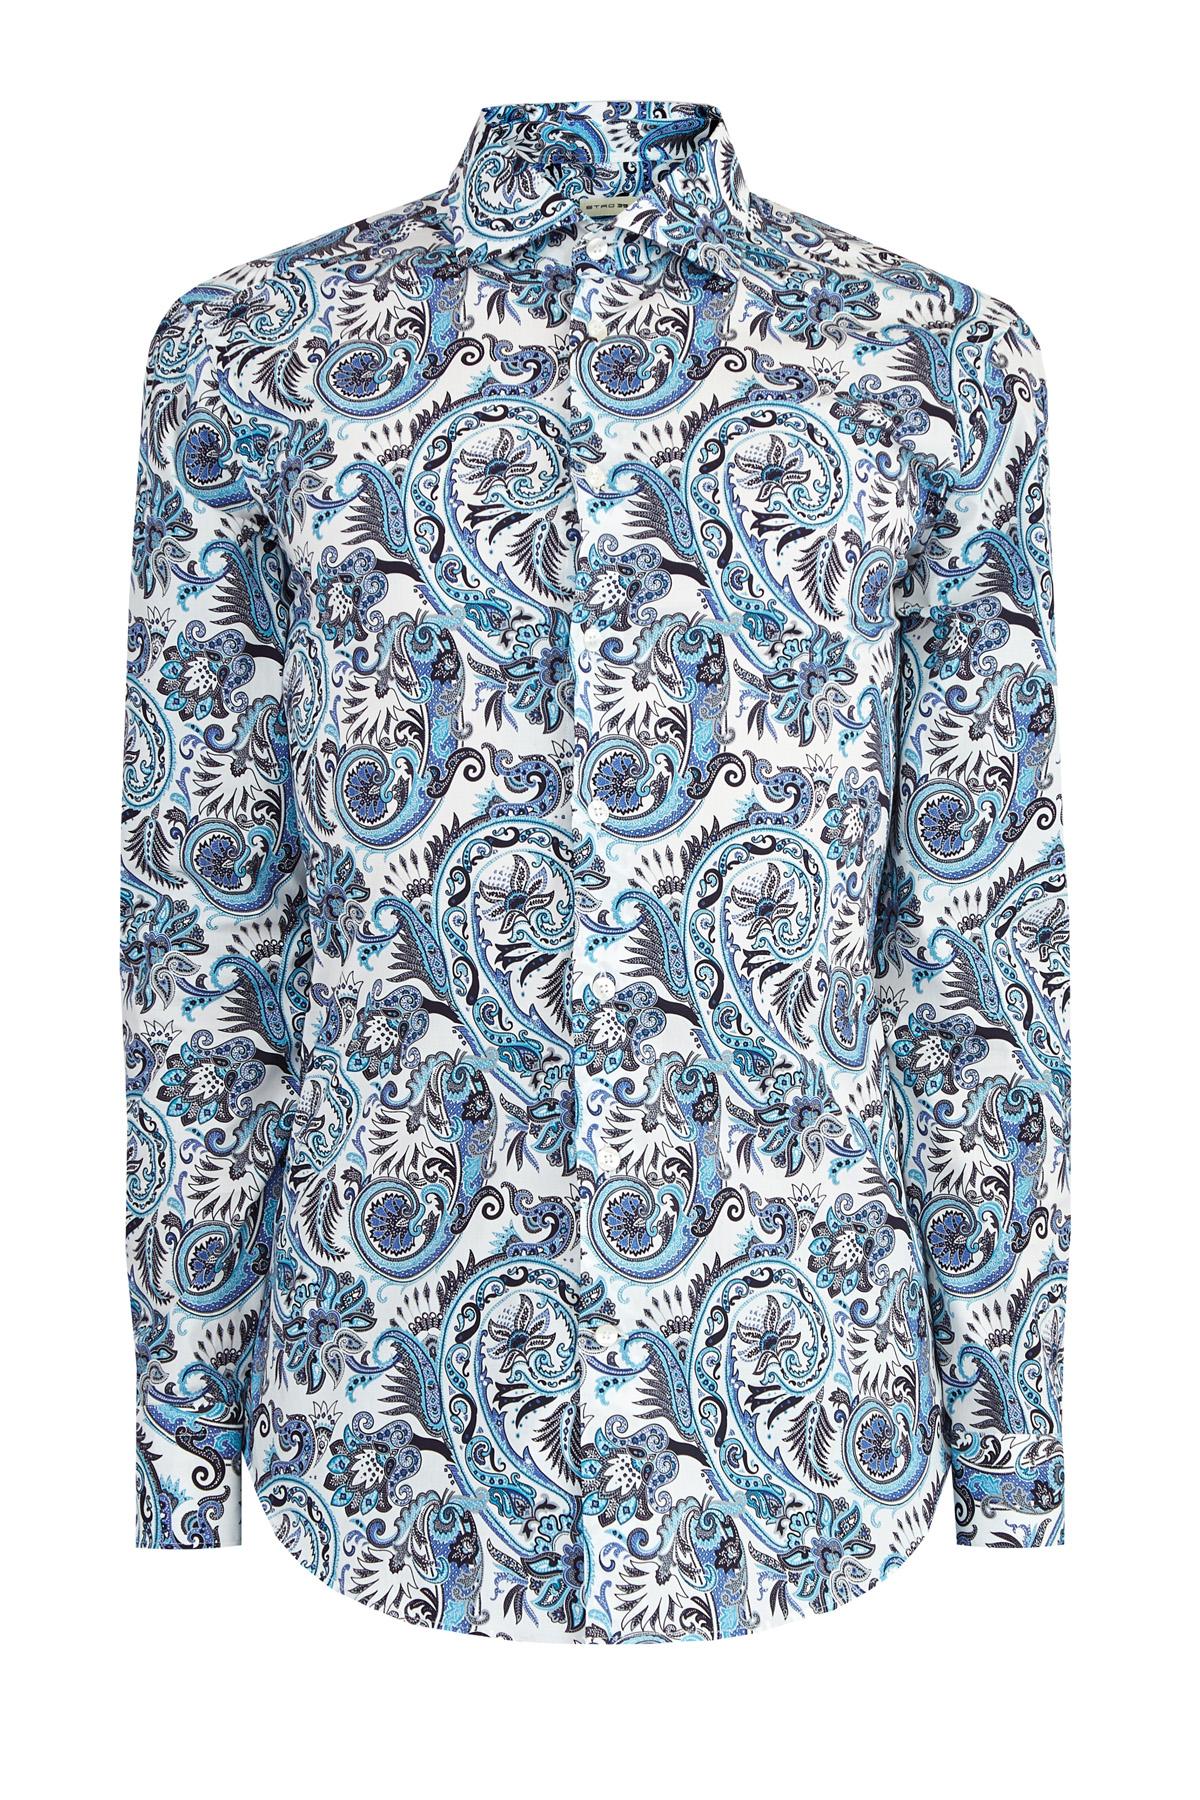 Приталенная рубашка с набивным принтом в лазурных тонах